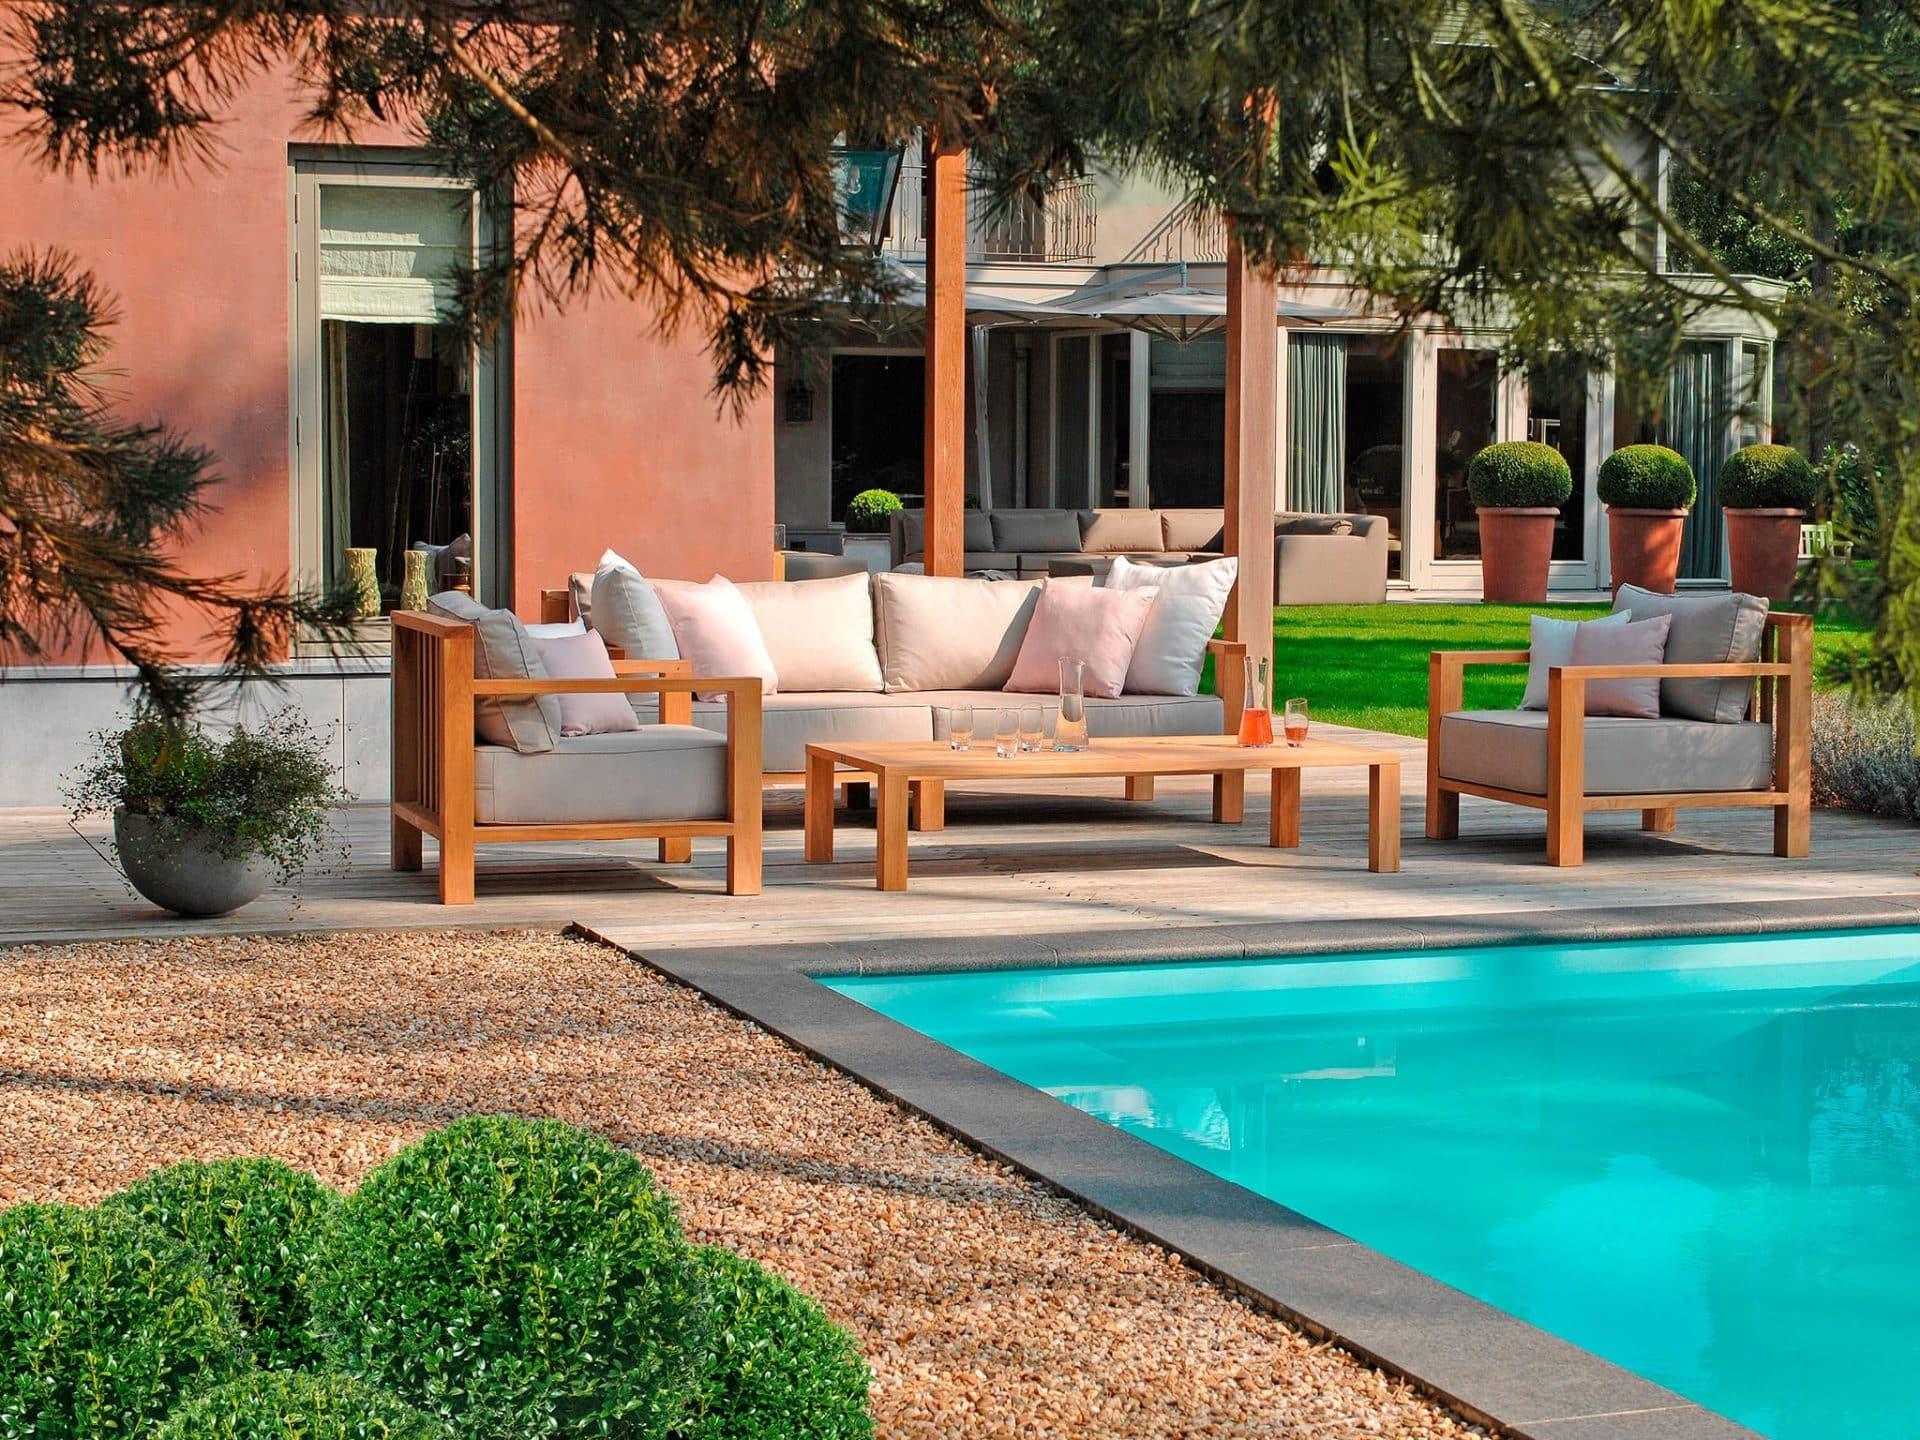 Terrassengestaltung - 20 moderne & gemütliche Ideen, Beispiele & Bilder